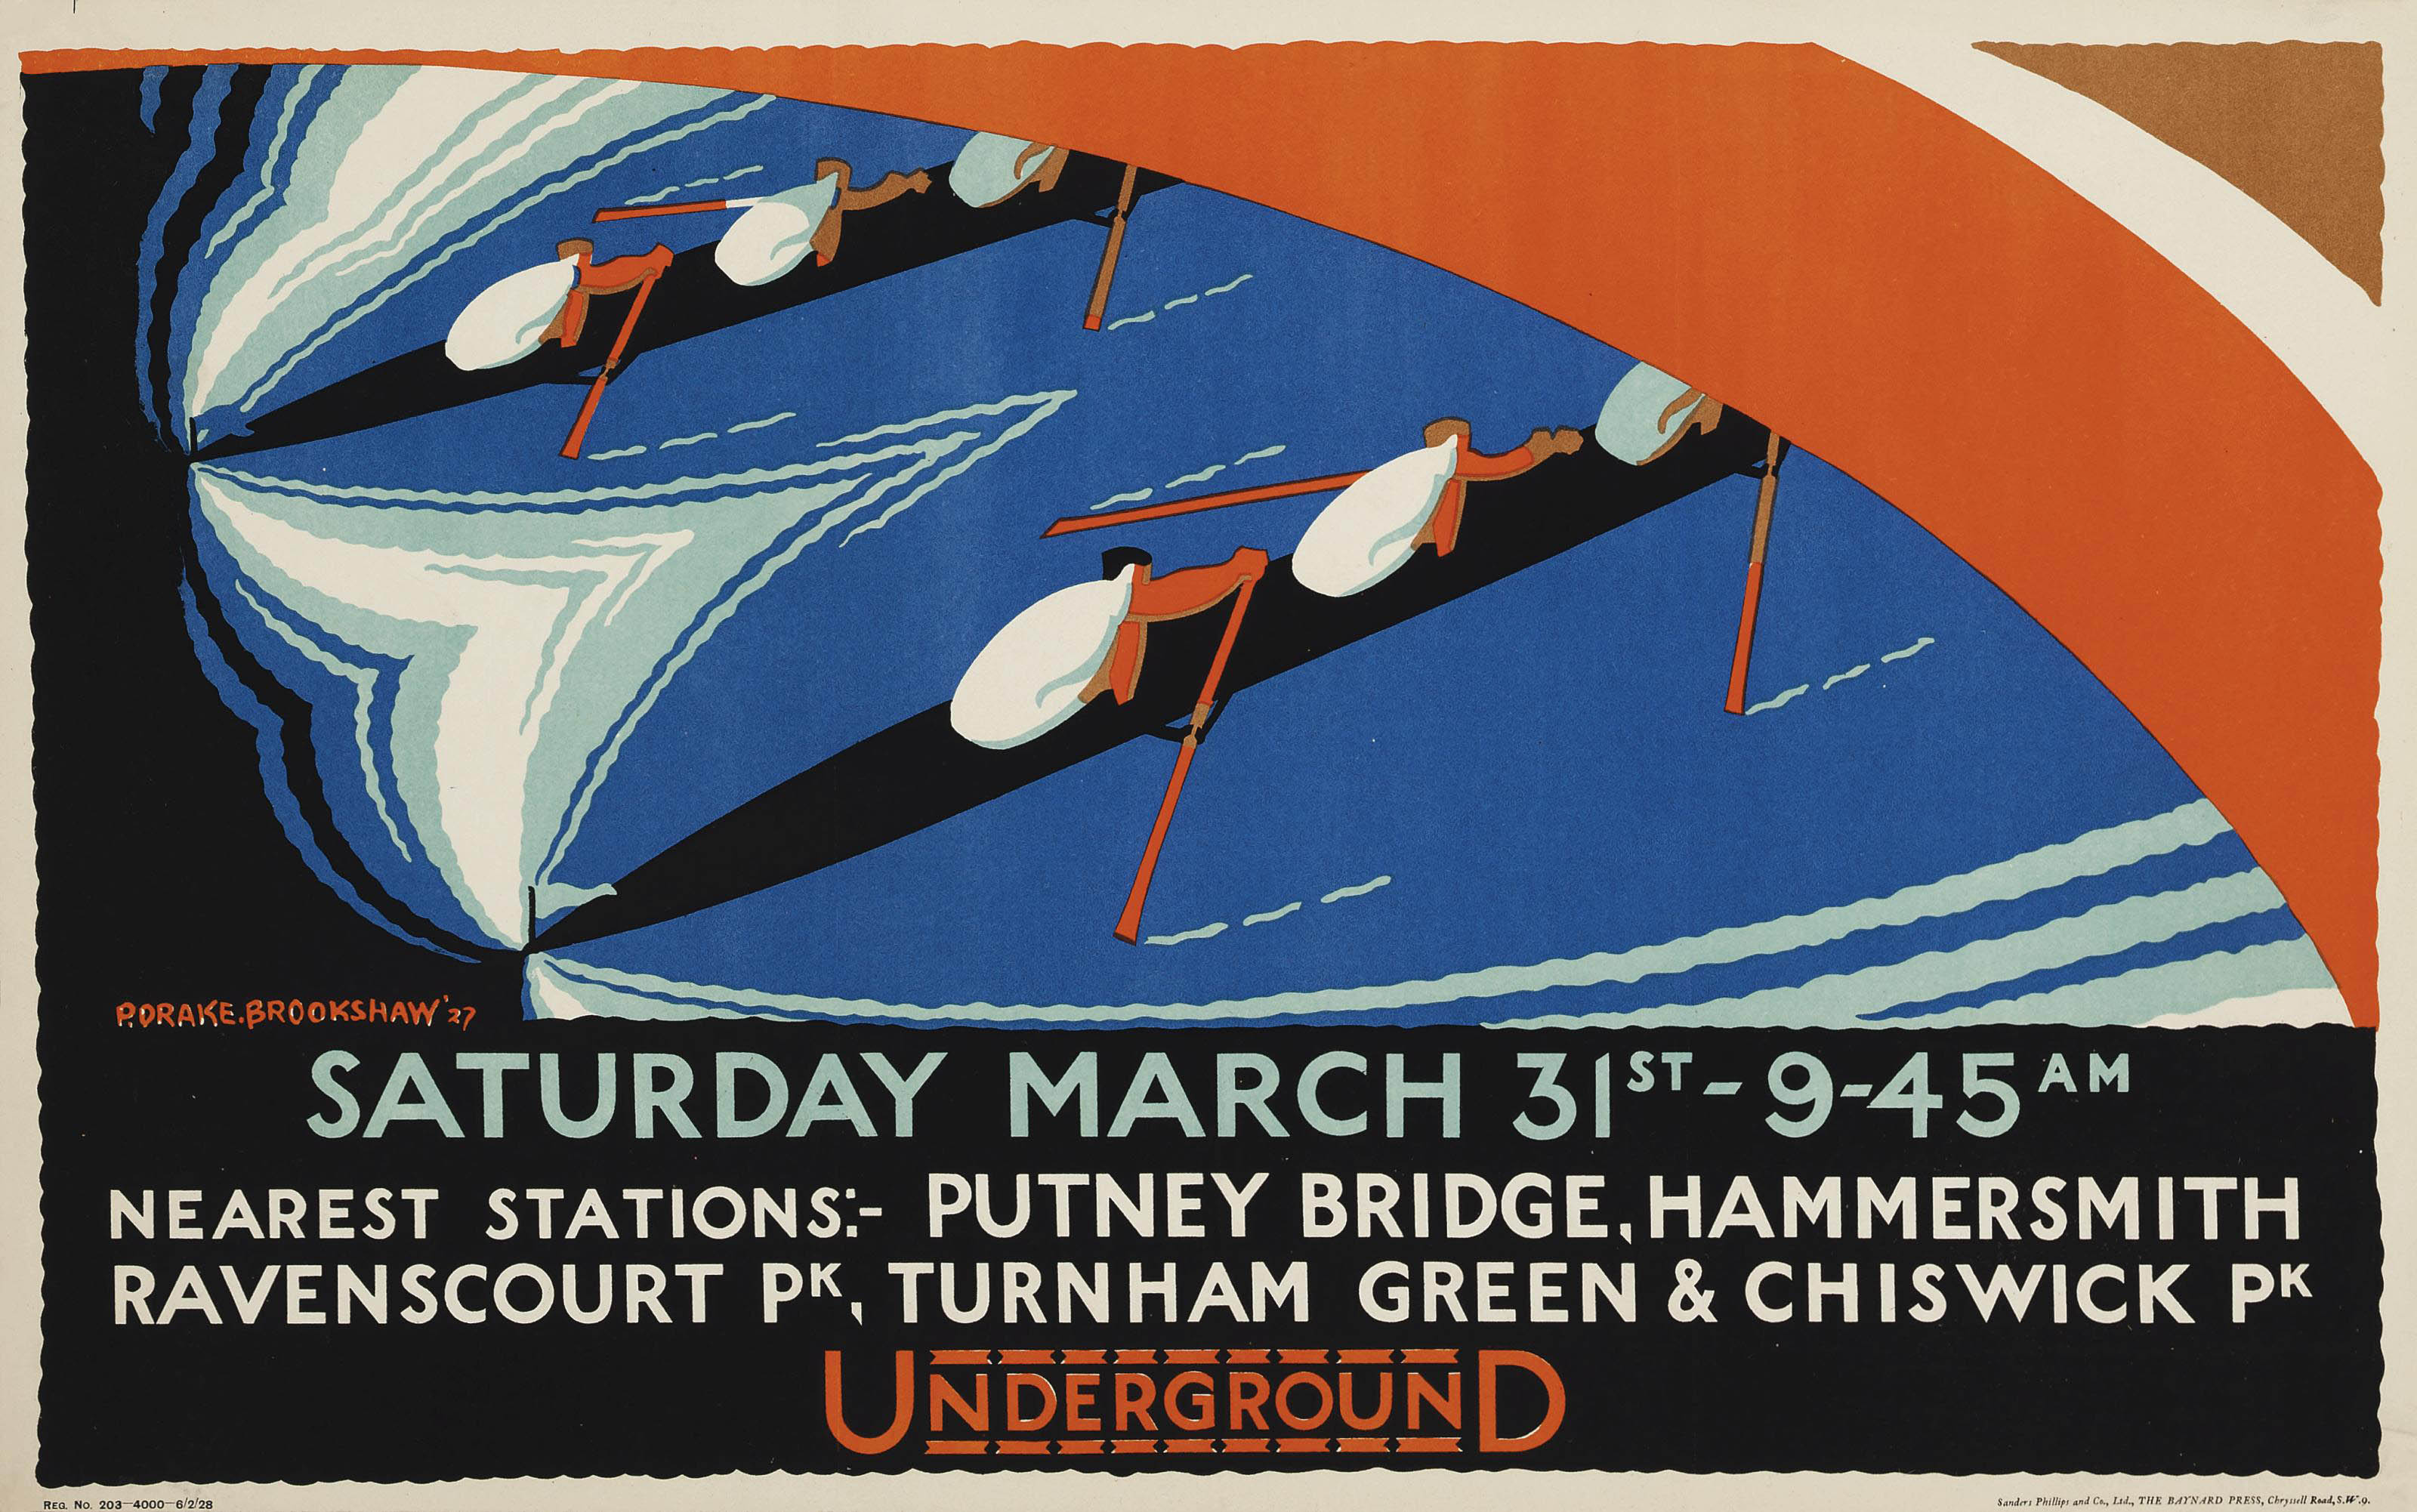 SATURDAY MARCH 31st, PUTNEY BRIDGE, HAMMERSMITH